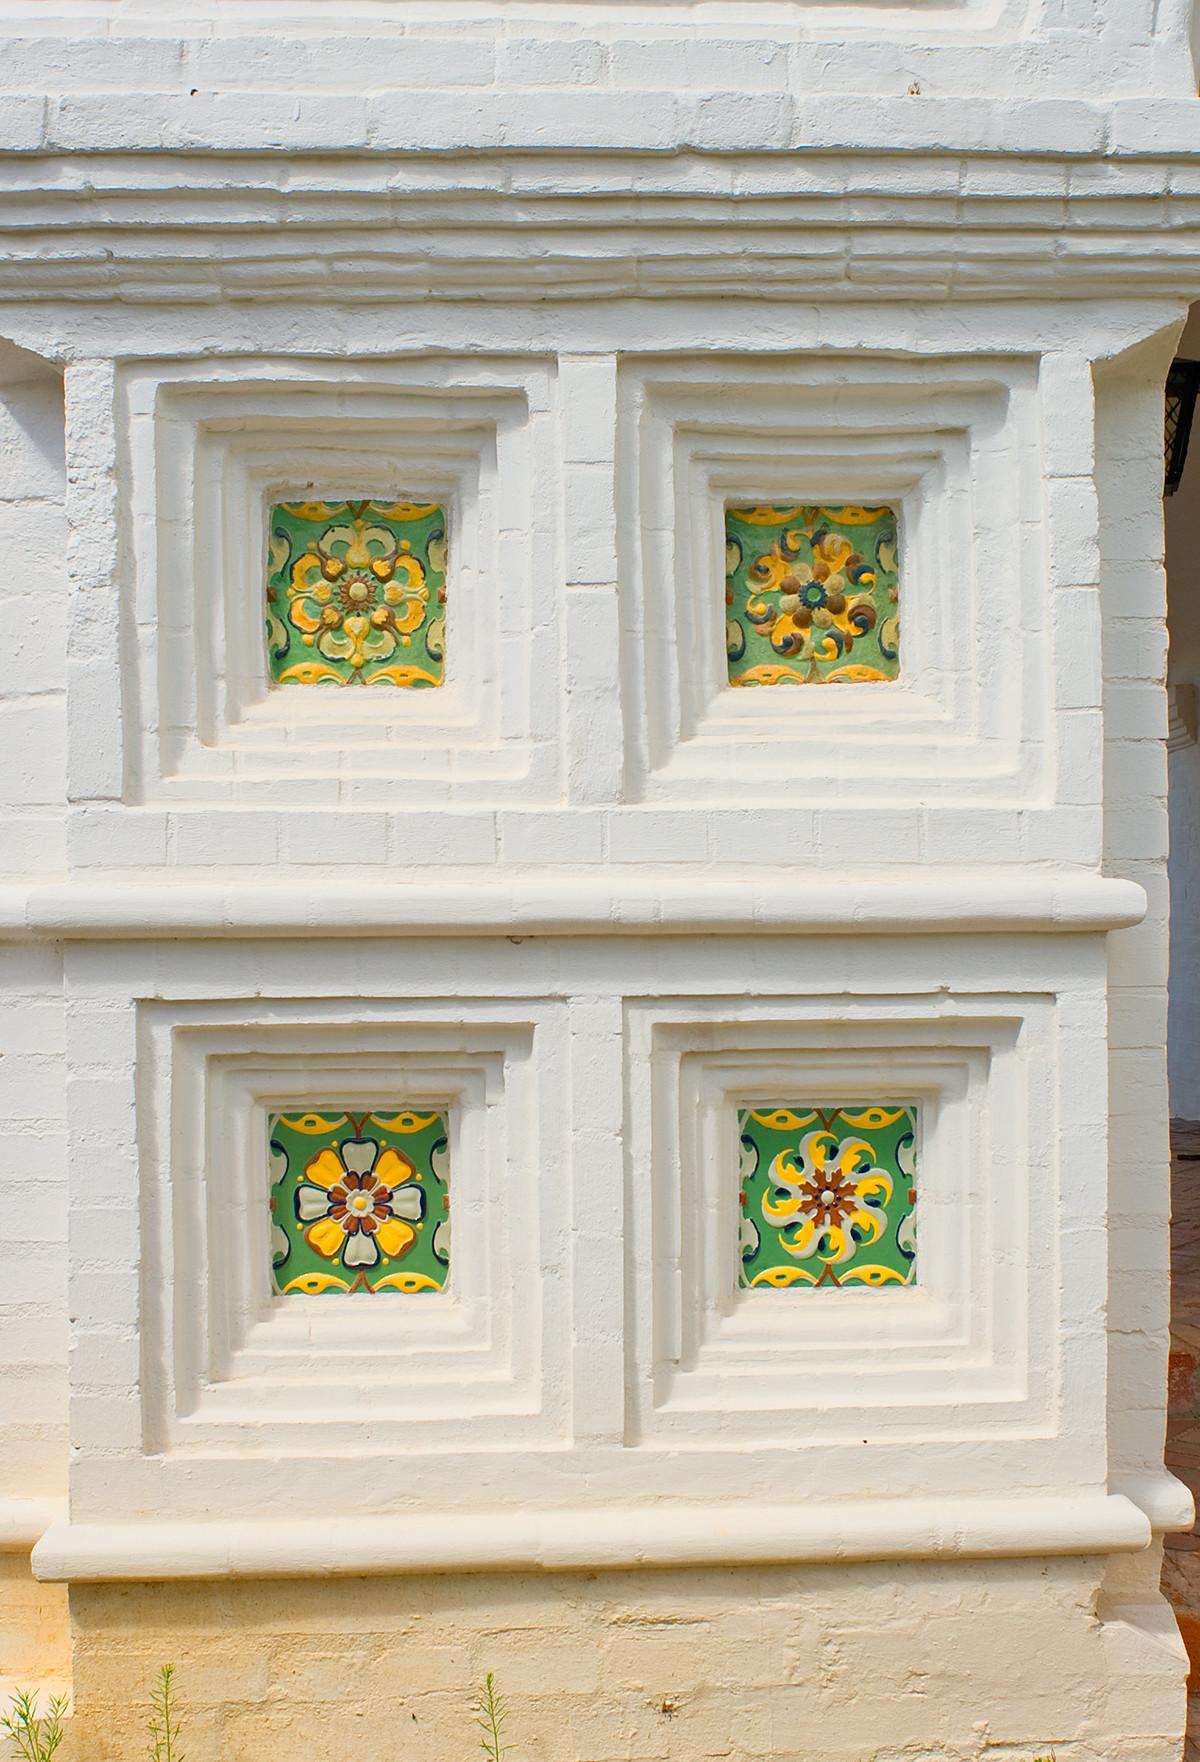 Réfectoire de l'église de l'Annonciation. Carreaux de céramique sur les murs du narthex.